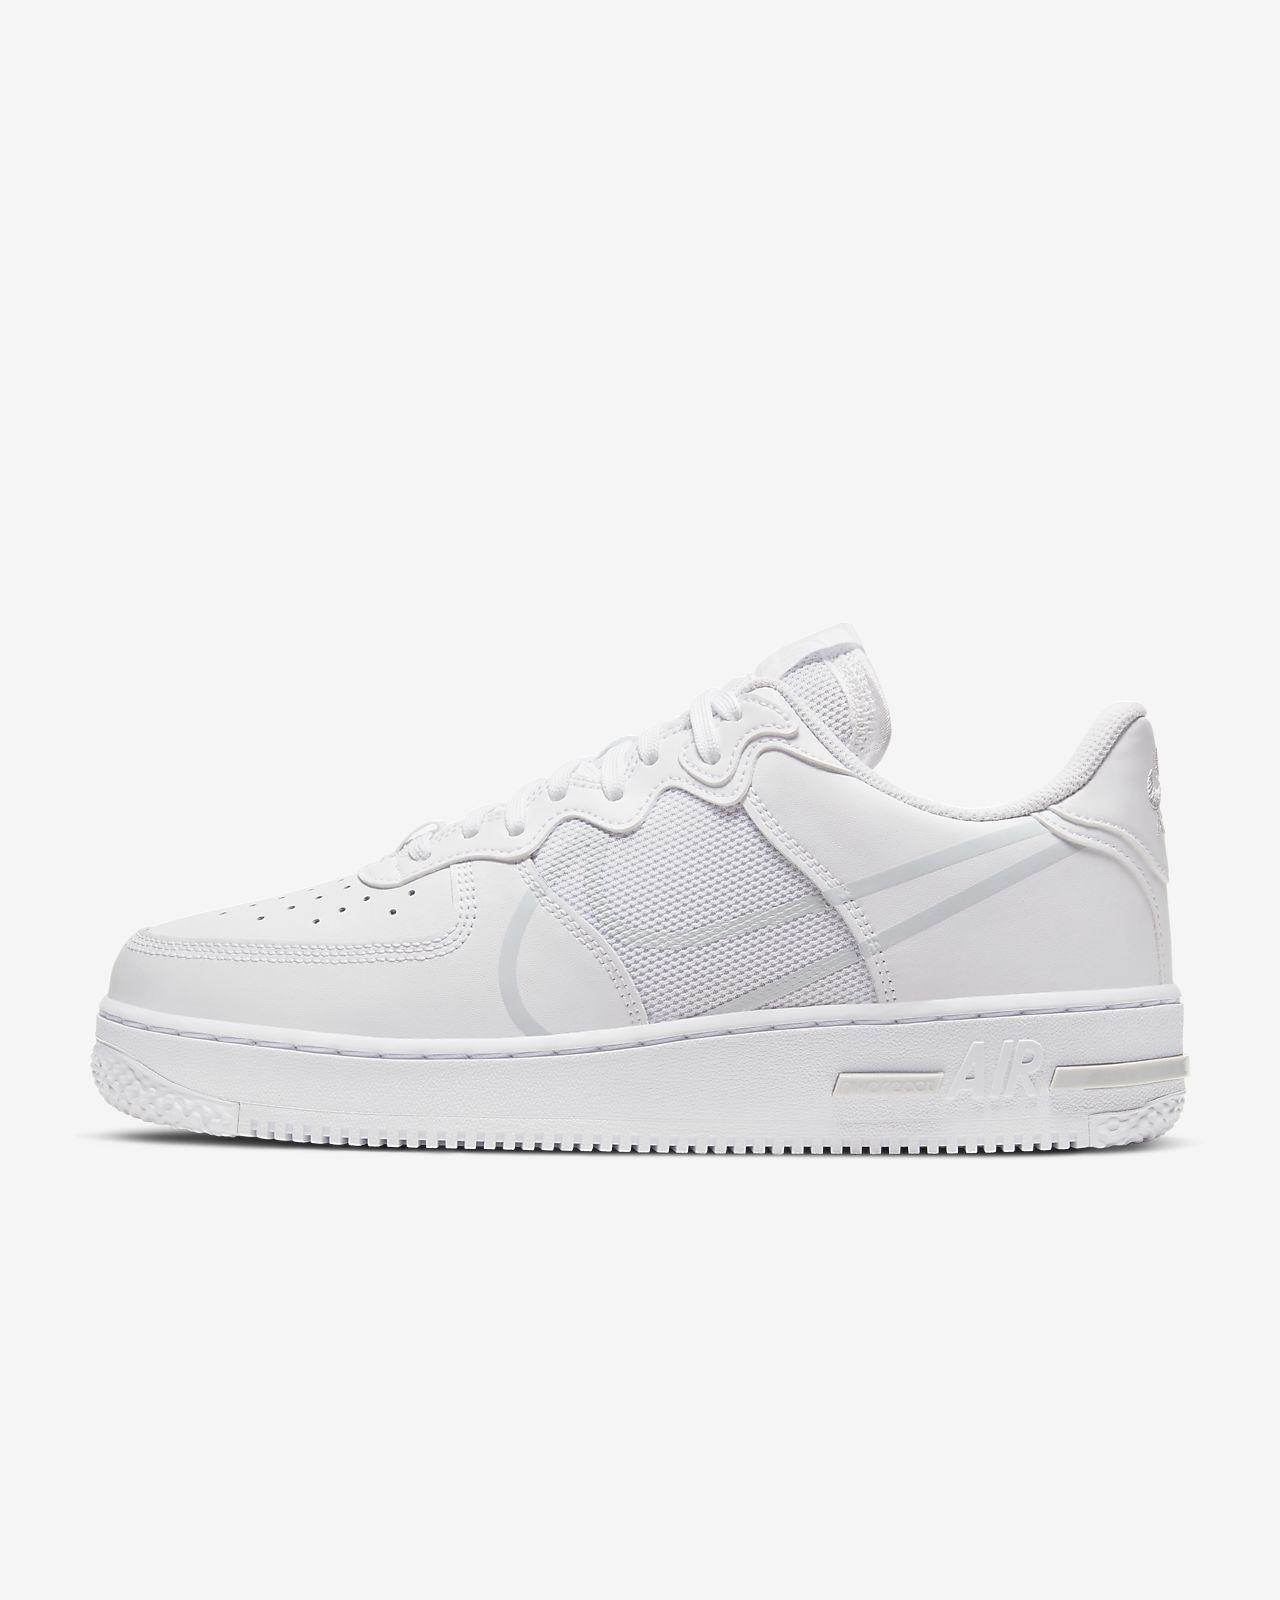 Nike Air Force 1 React férficipő